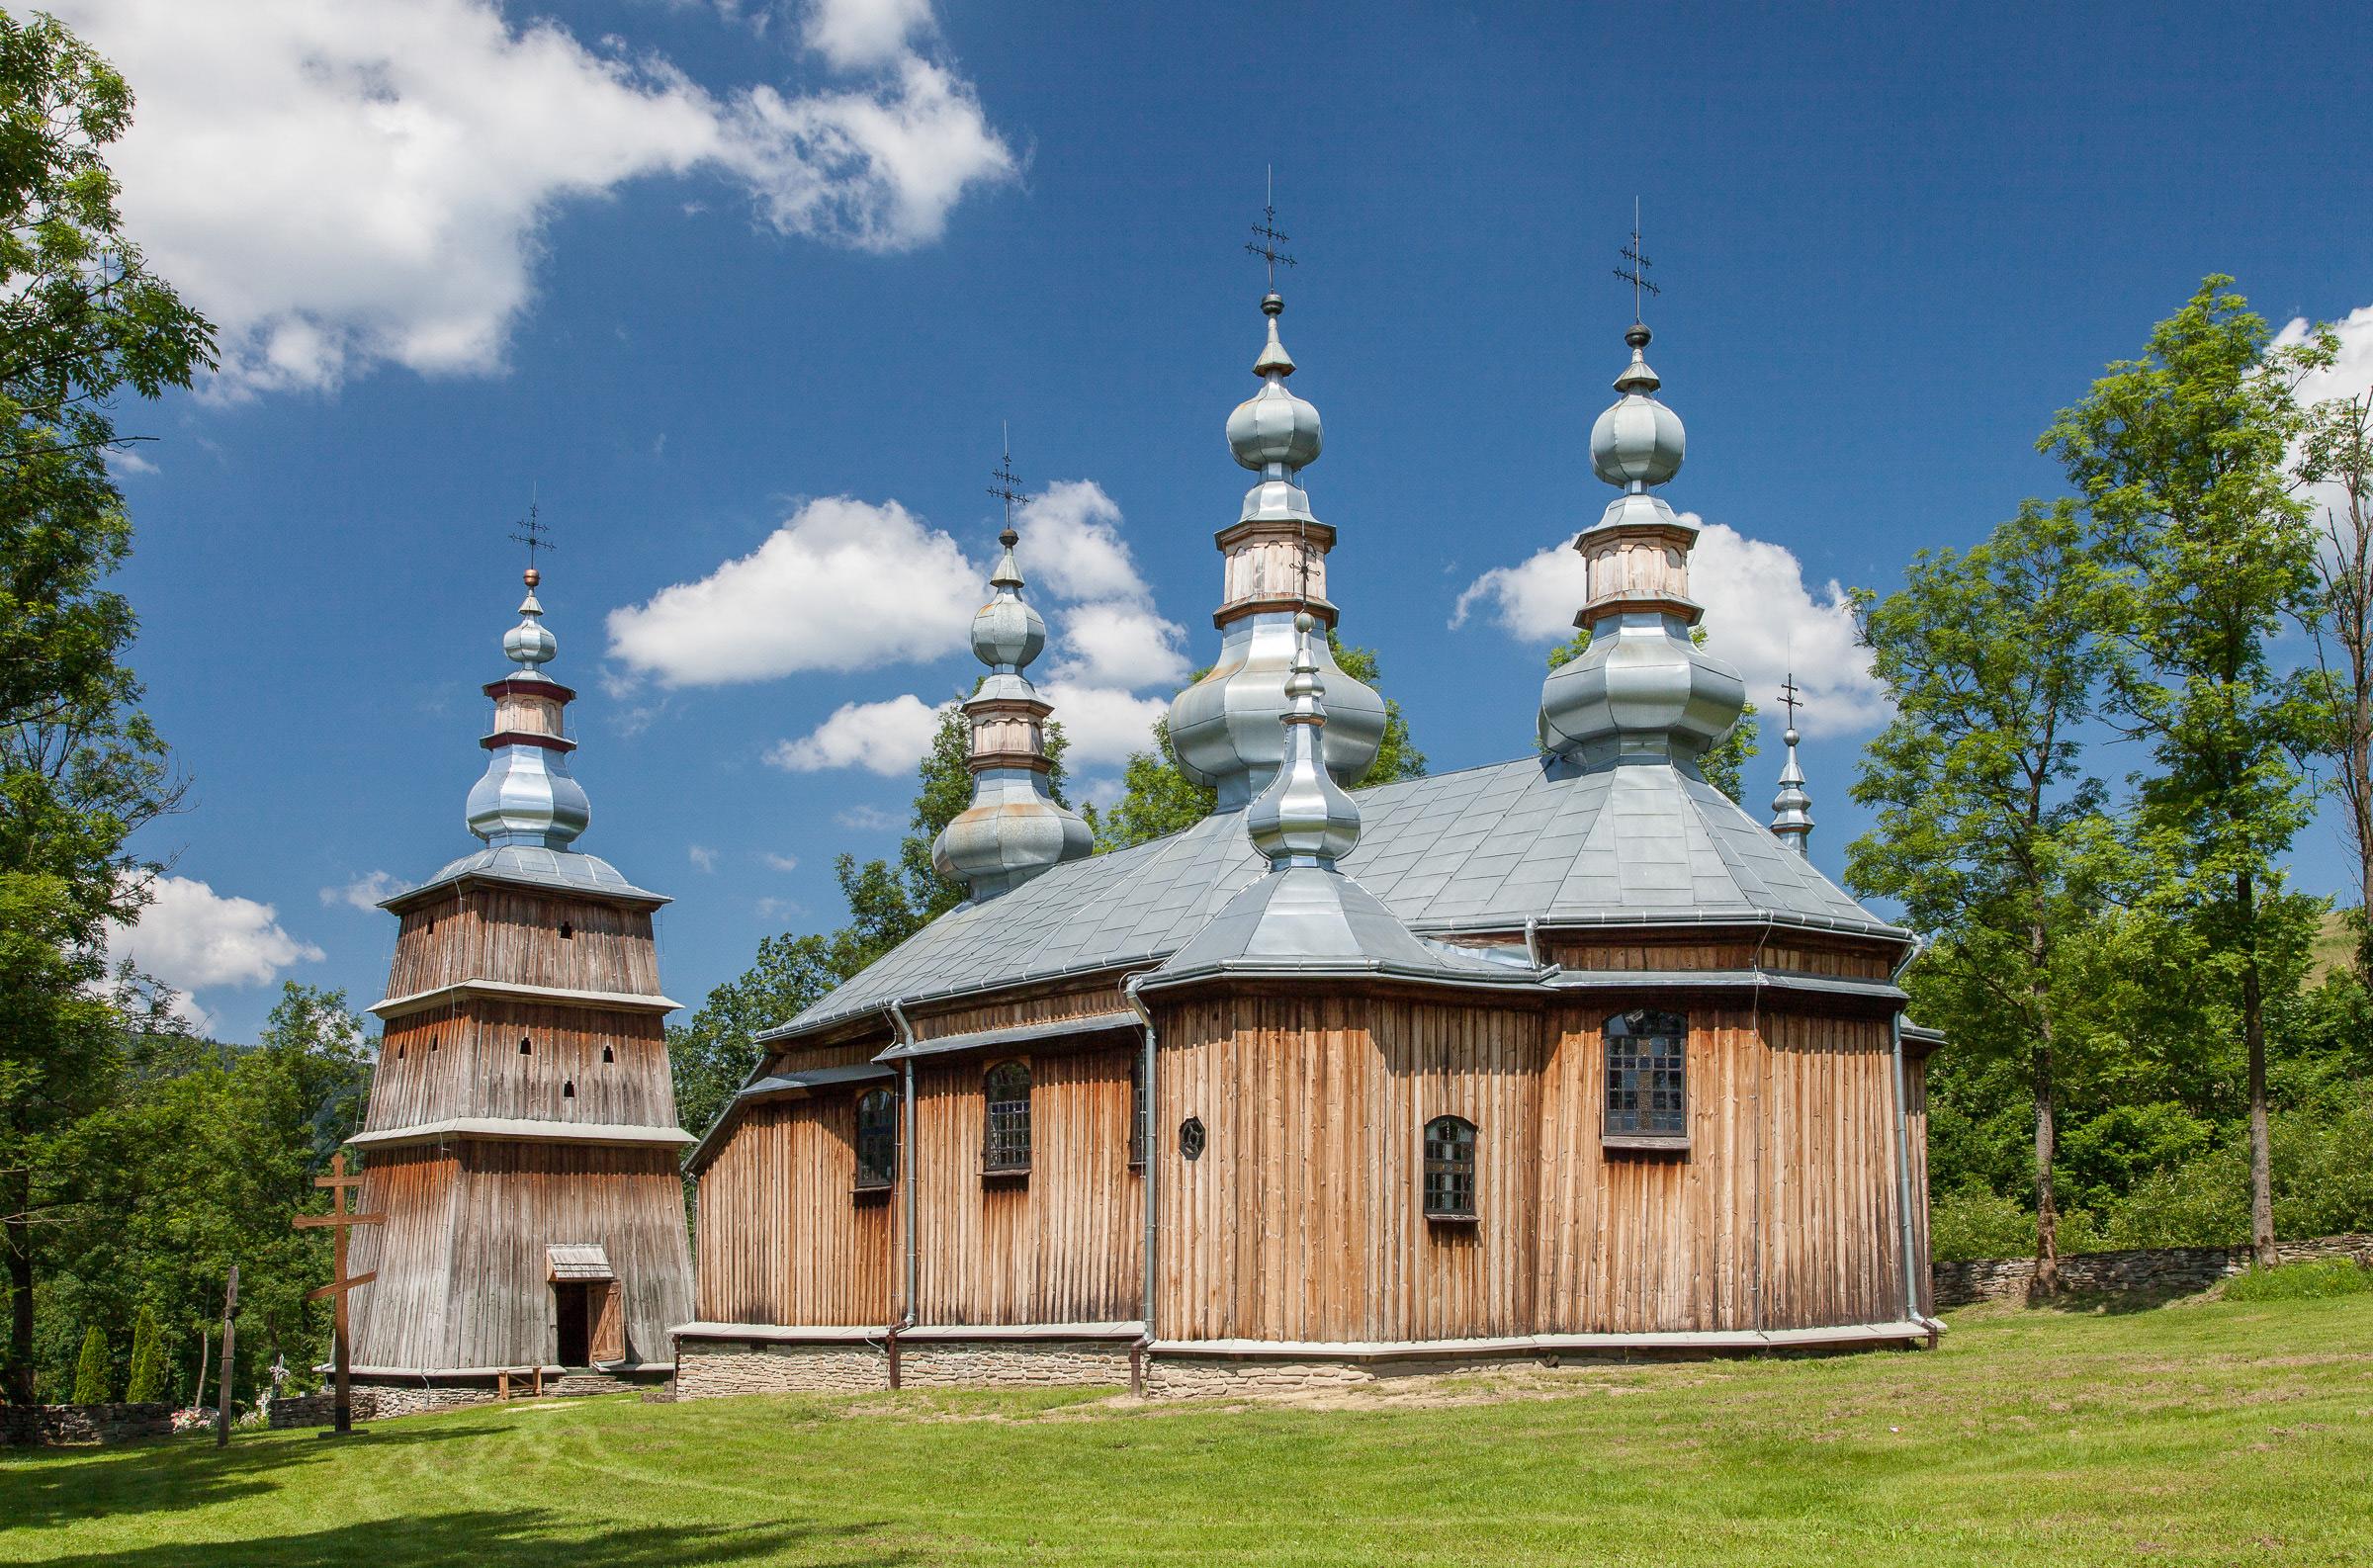 Drewniana cerkiew greckokatolicka św. Michała Archanioła w Turzańsku. fot. Krzysztof Zajączkowski